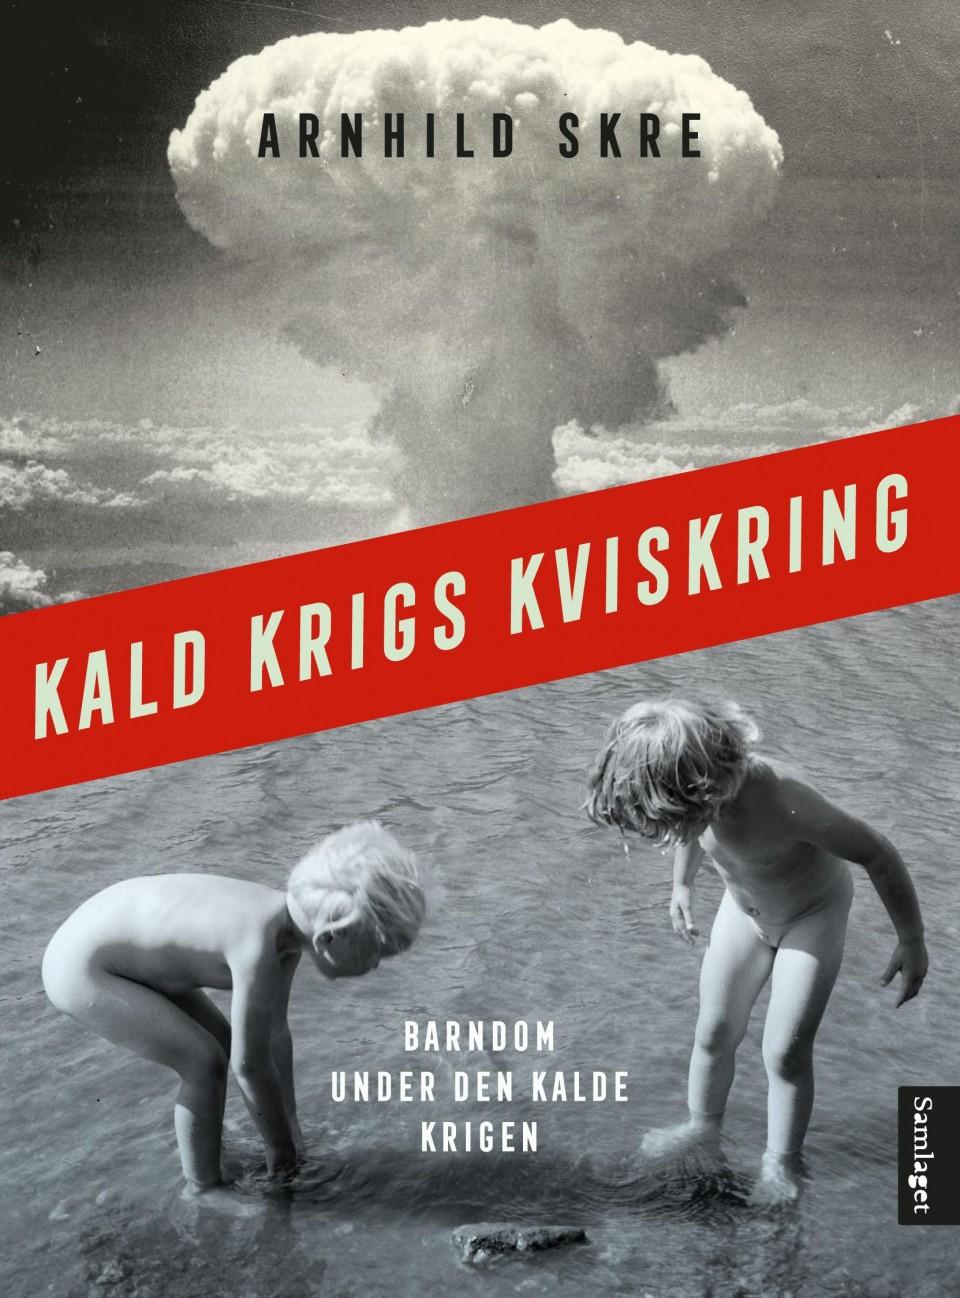 Arnhild Skre: Kald krigs kviskring - Barndom under den kalde krigen